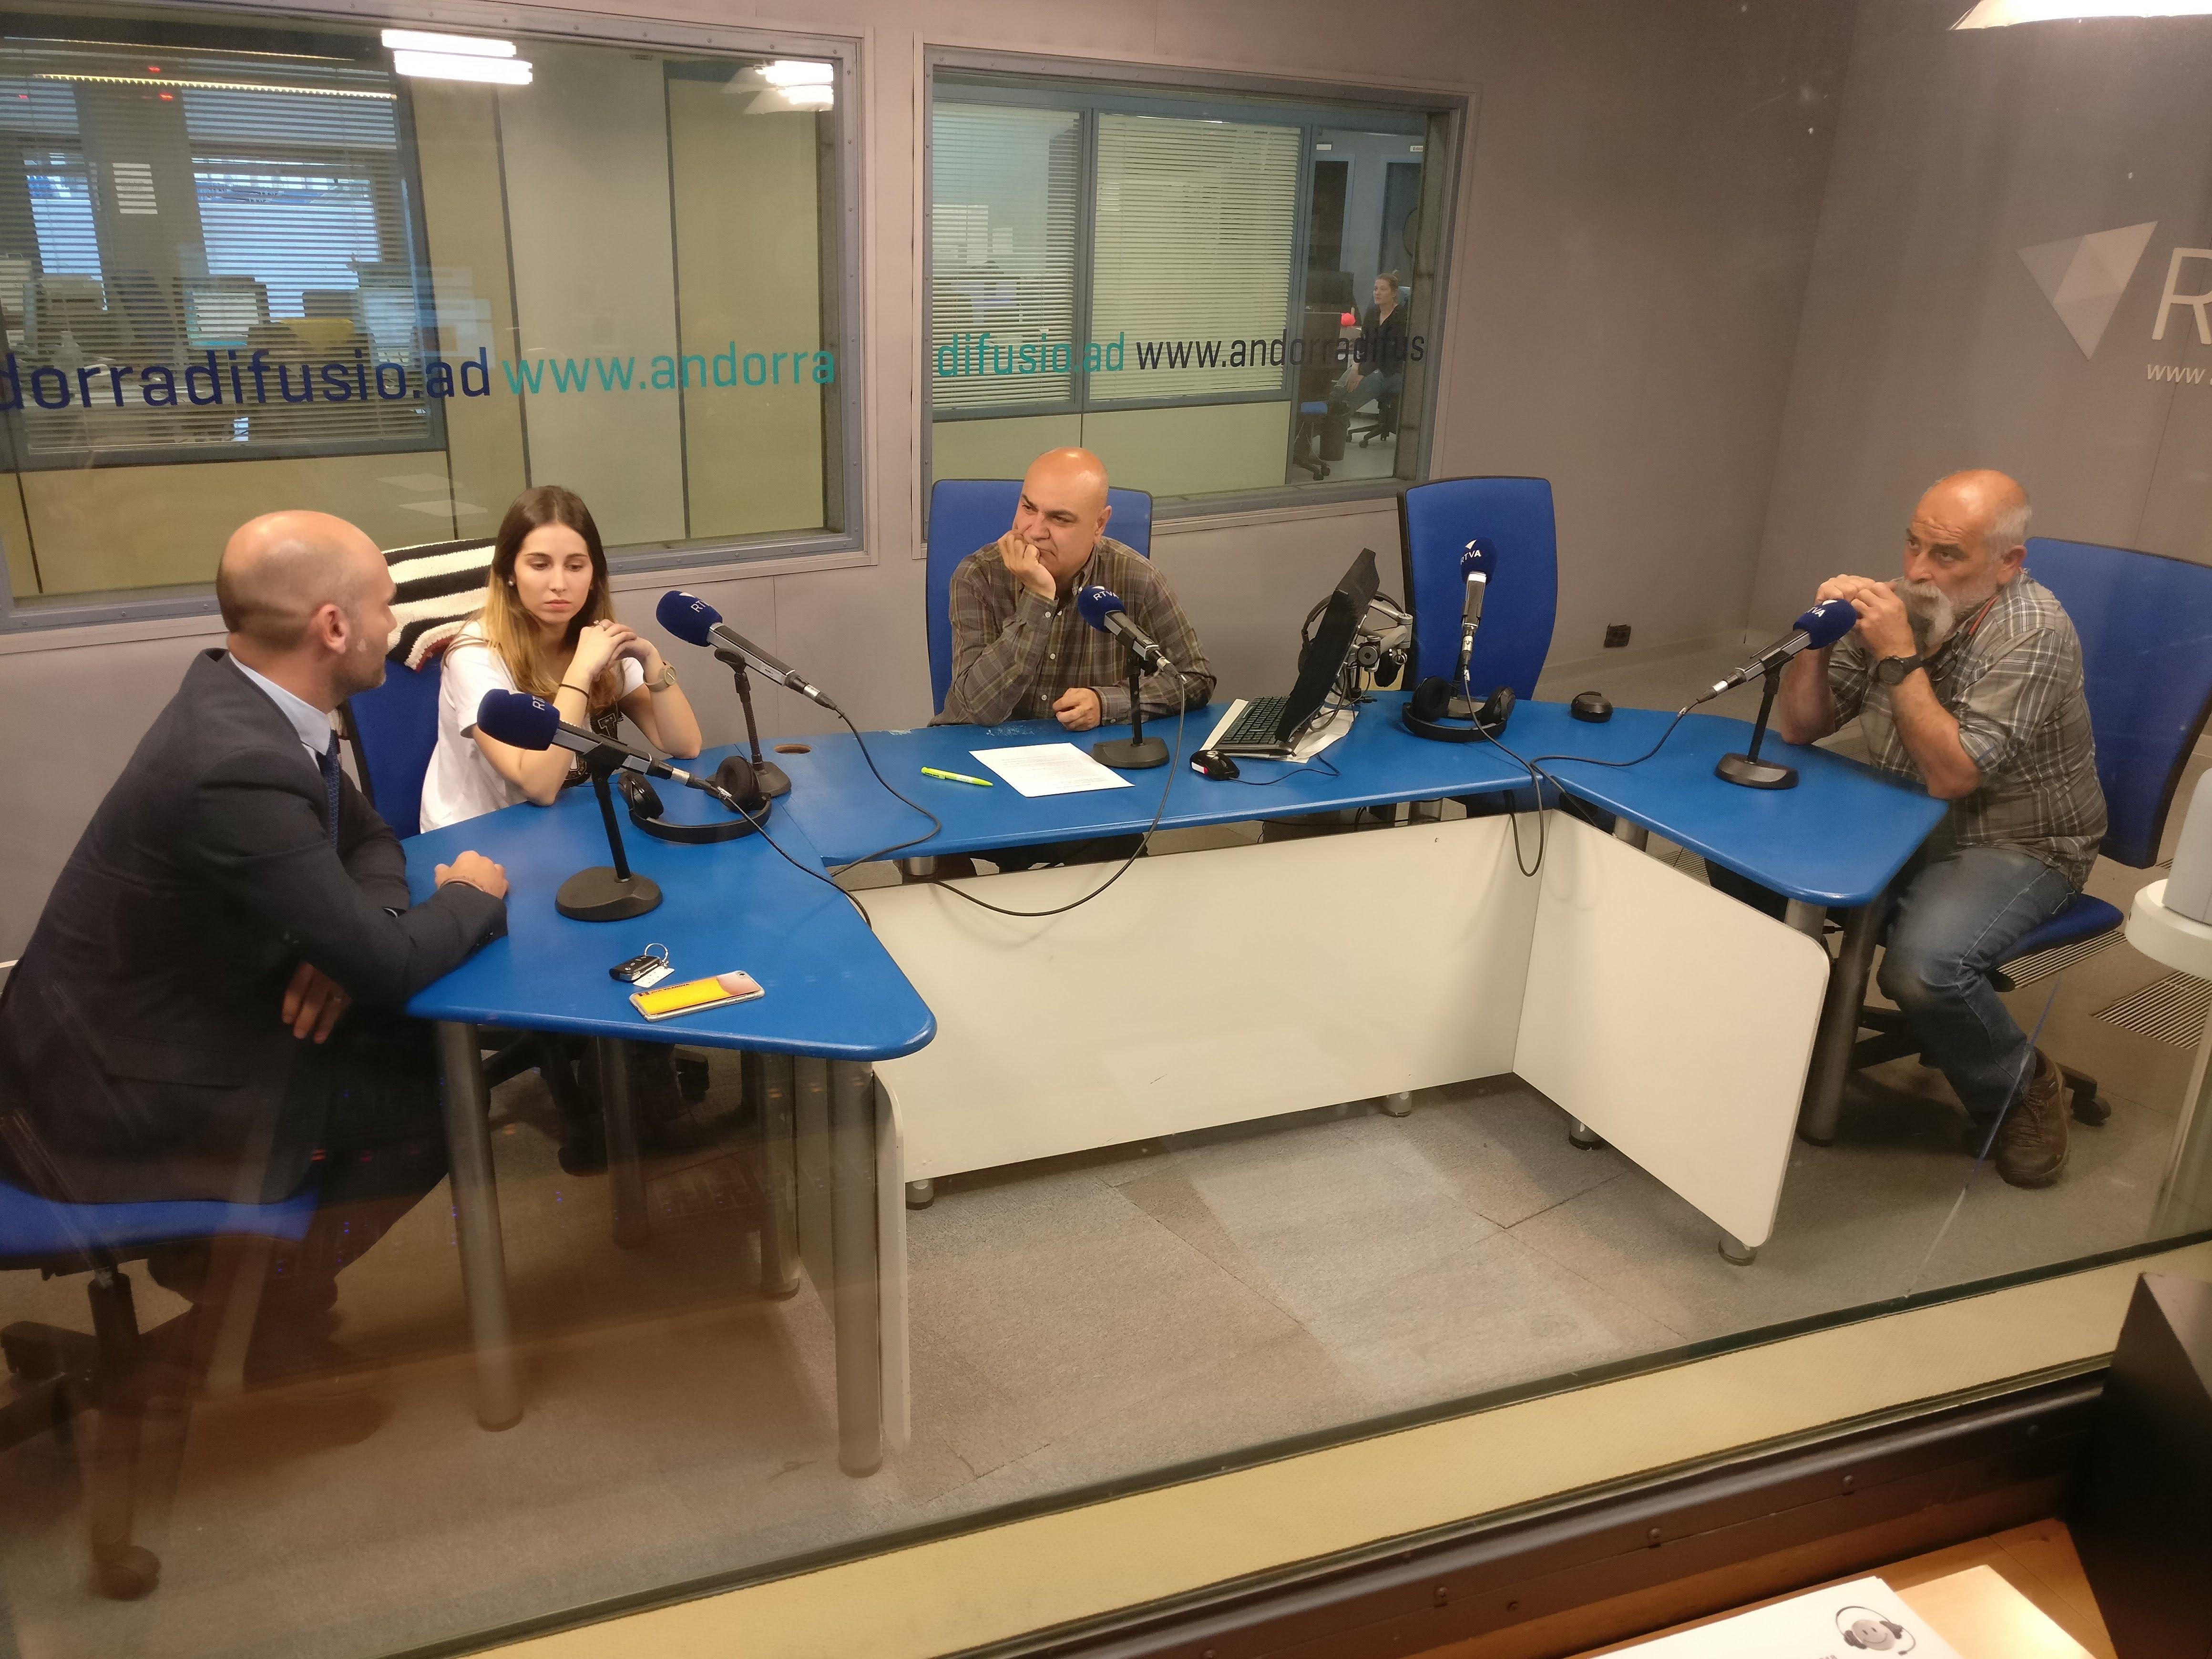 Entrevista a Didier Aleix, Jordi Vilanova i Laura Lavado